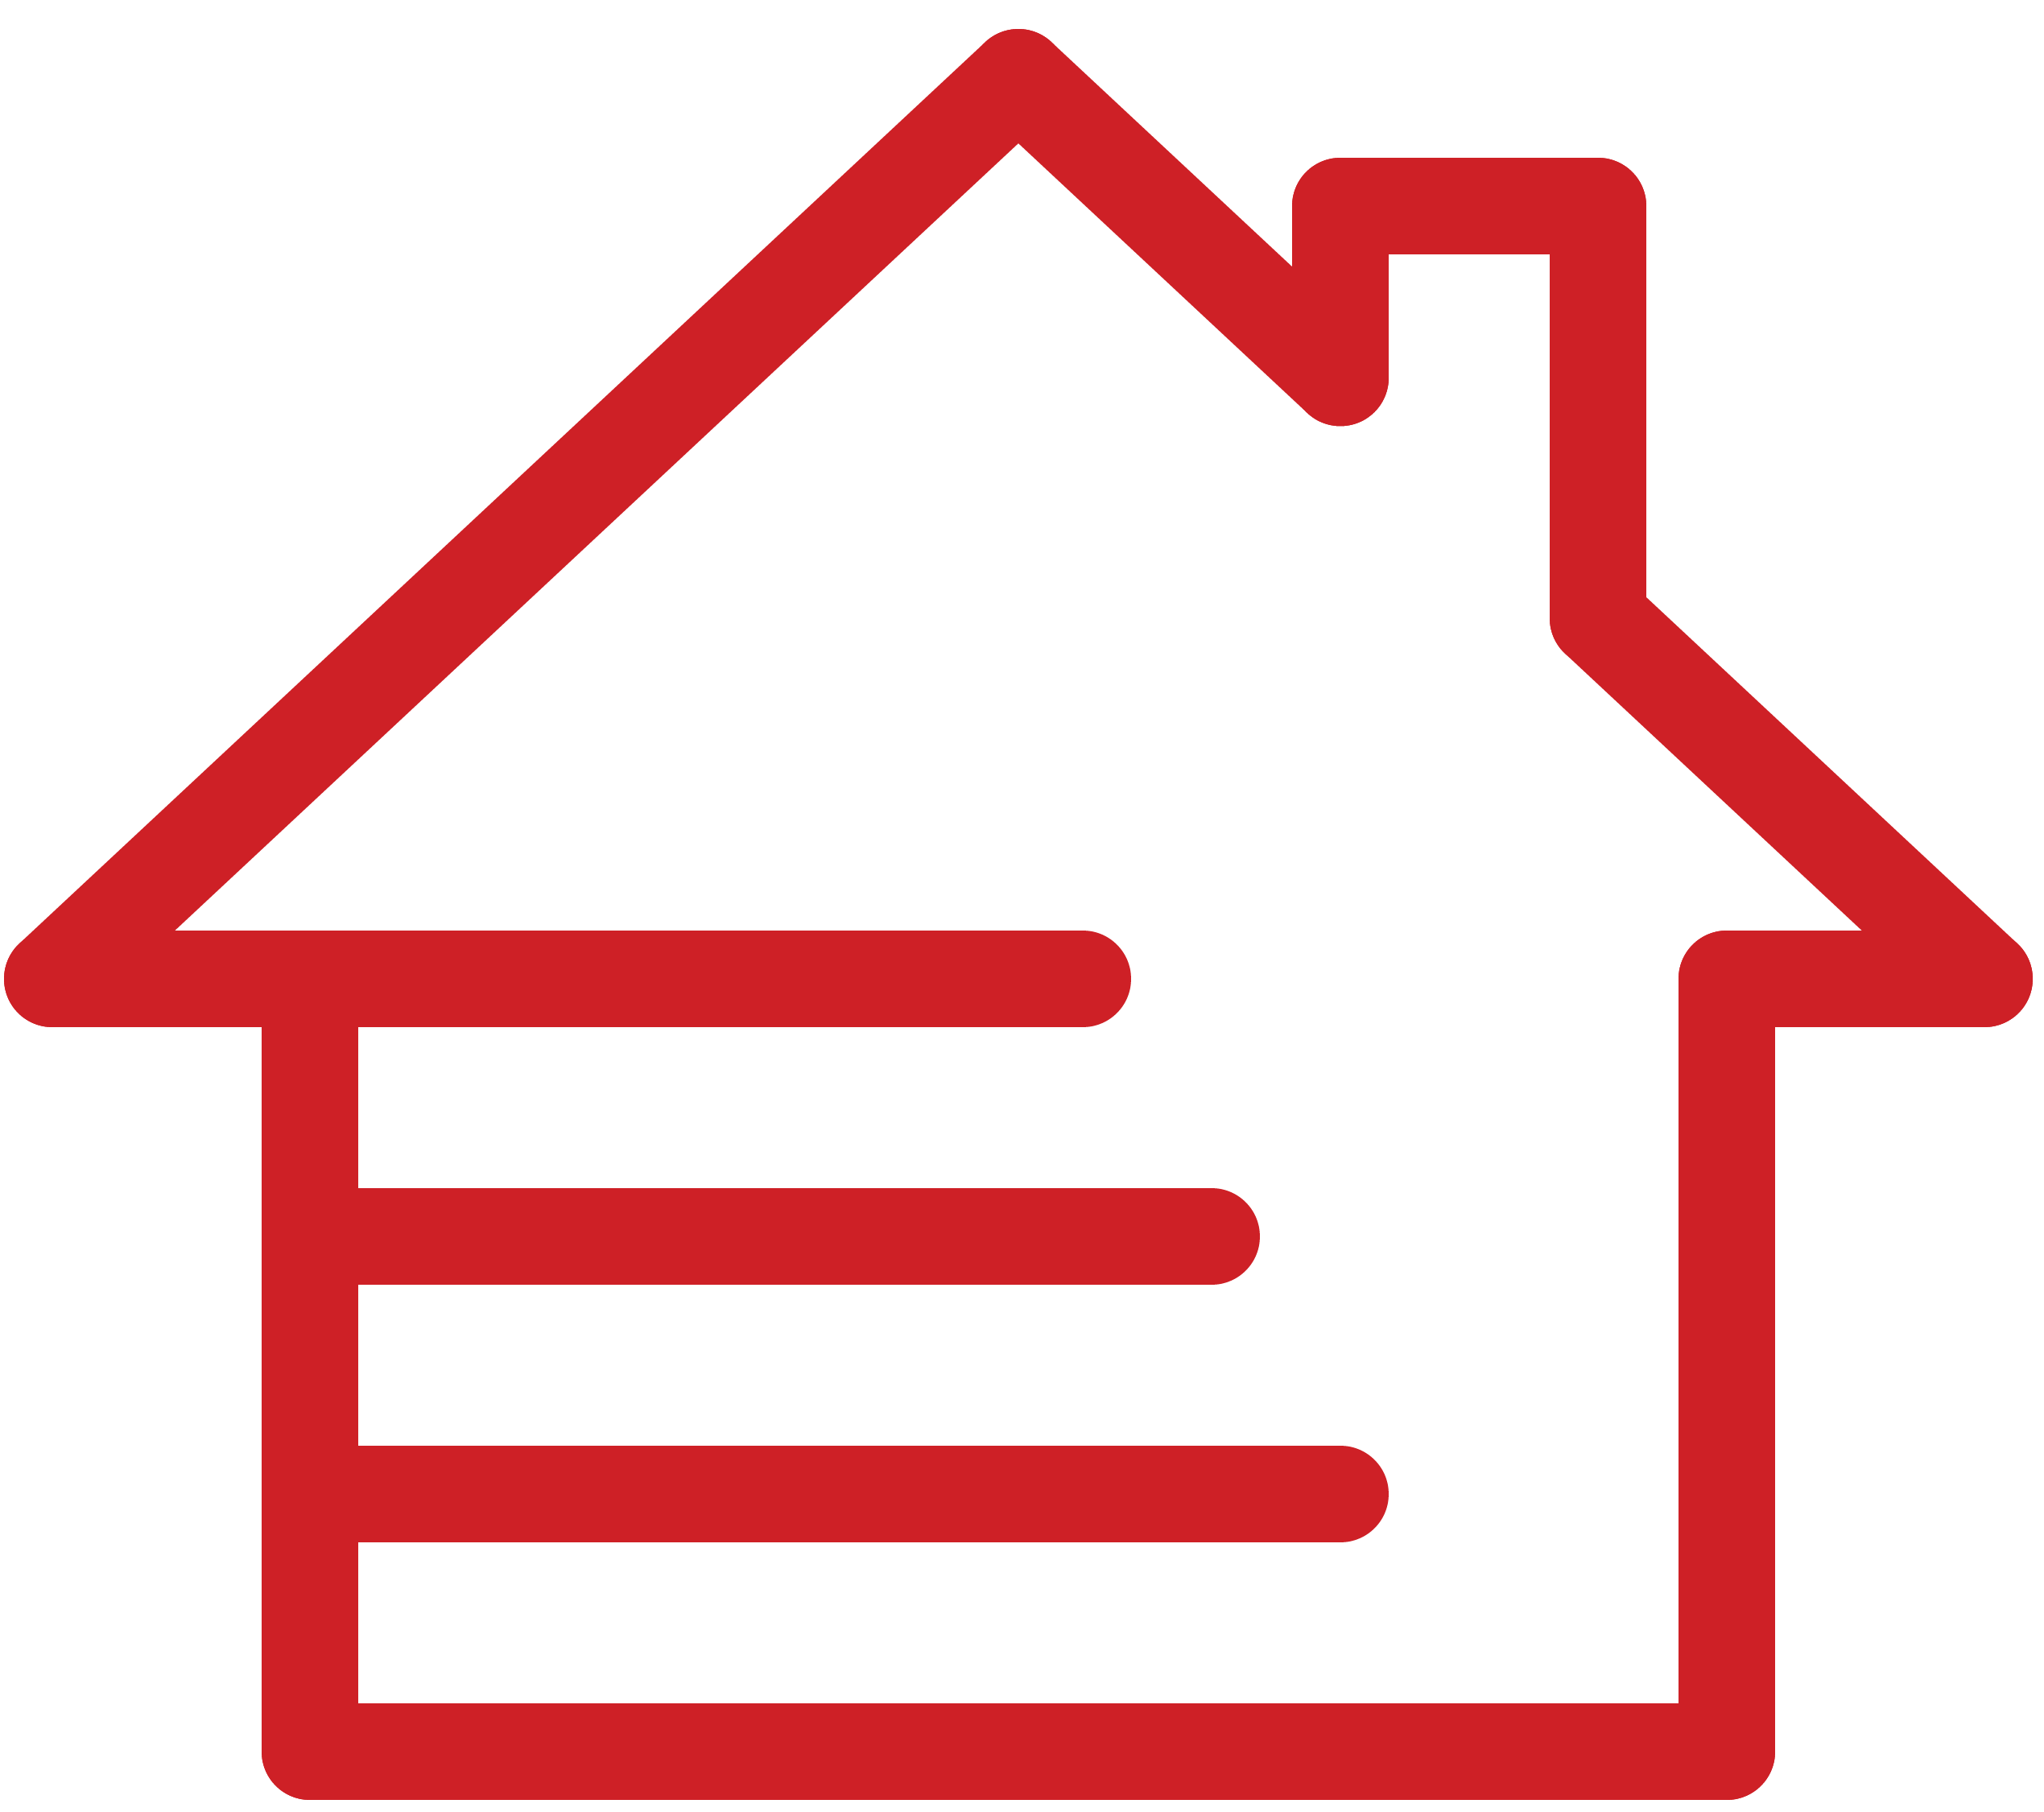 Icon for siding